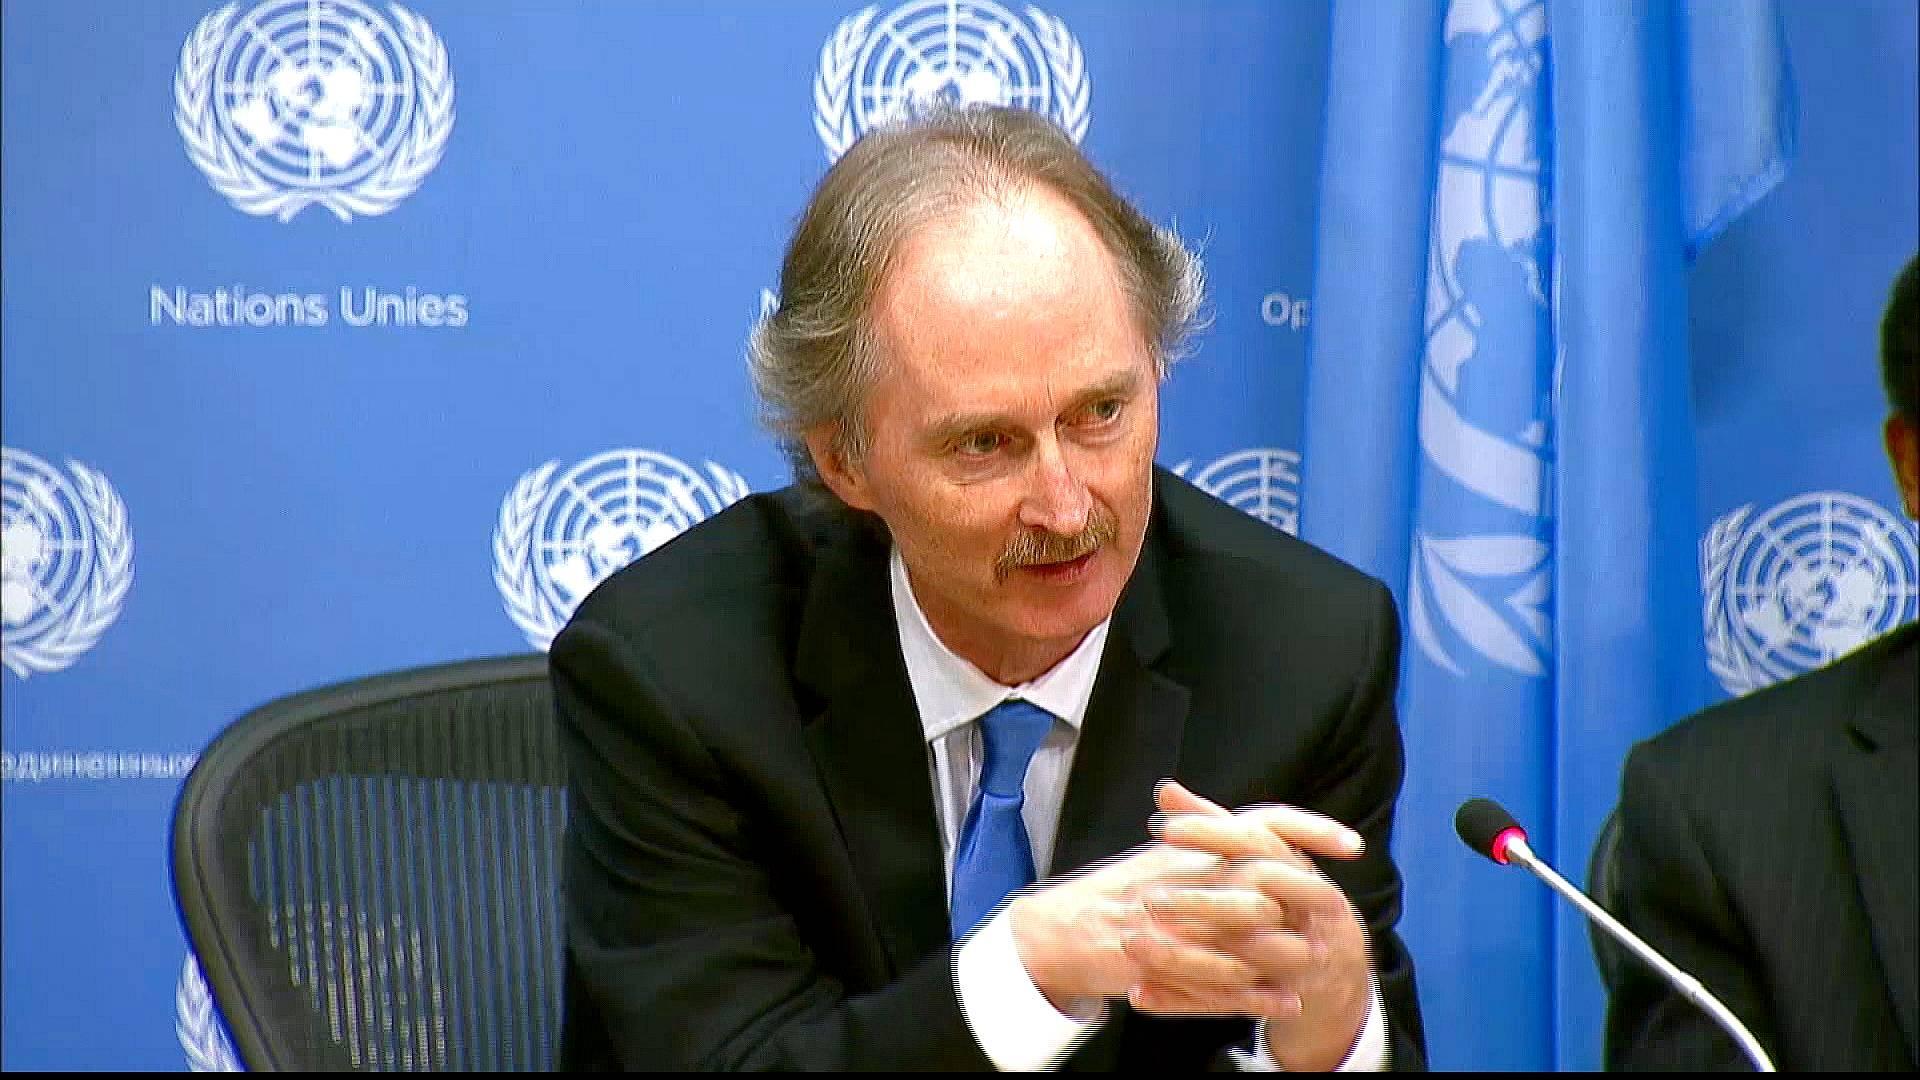 الأمم المتحدة تؤكد انعقاد اجتماع اللجنة الدستورية السورية الاثنين المقبل